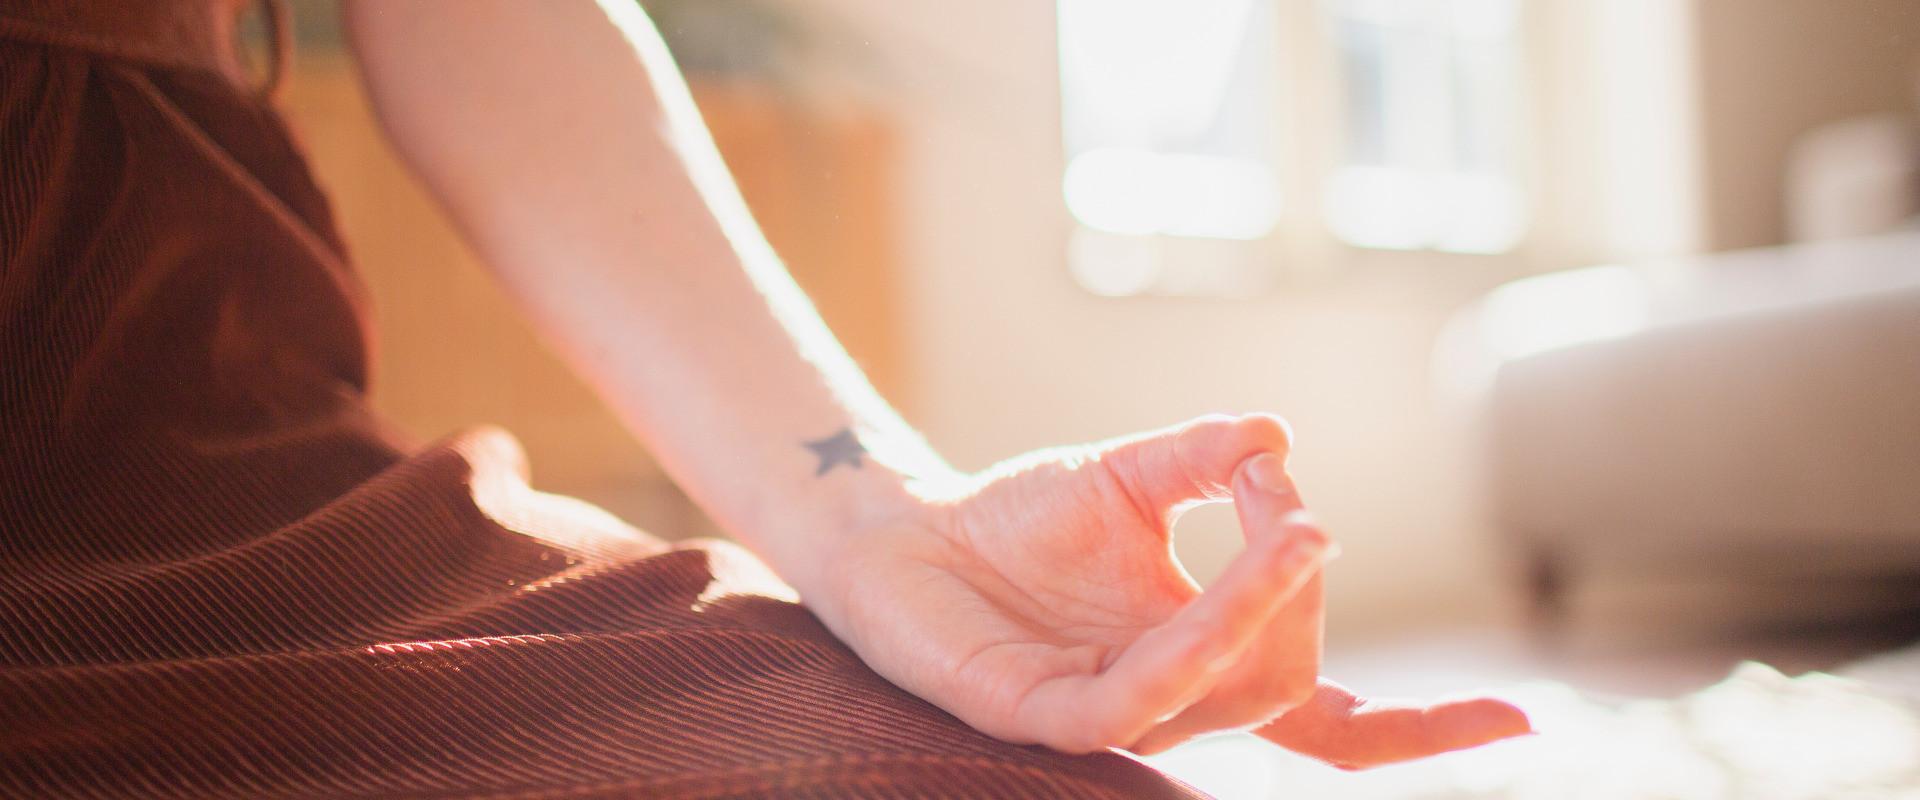 Hoe begin je met mediteren? Zo kun je het leren!